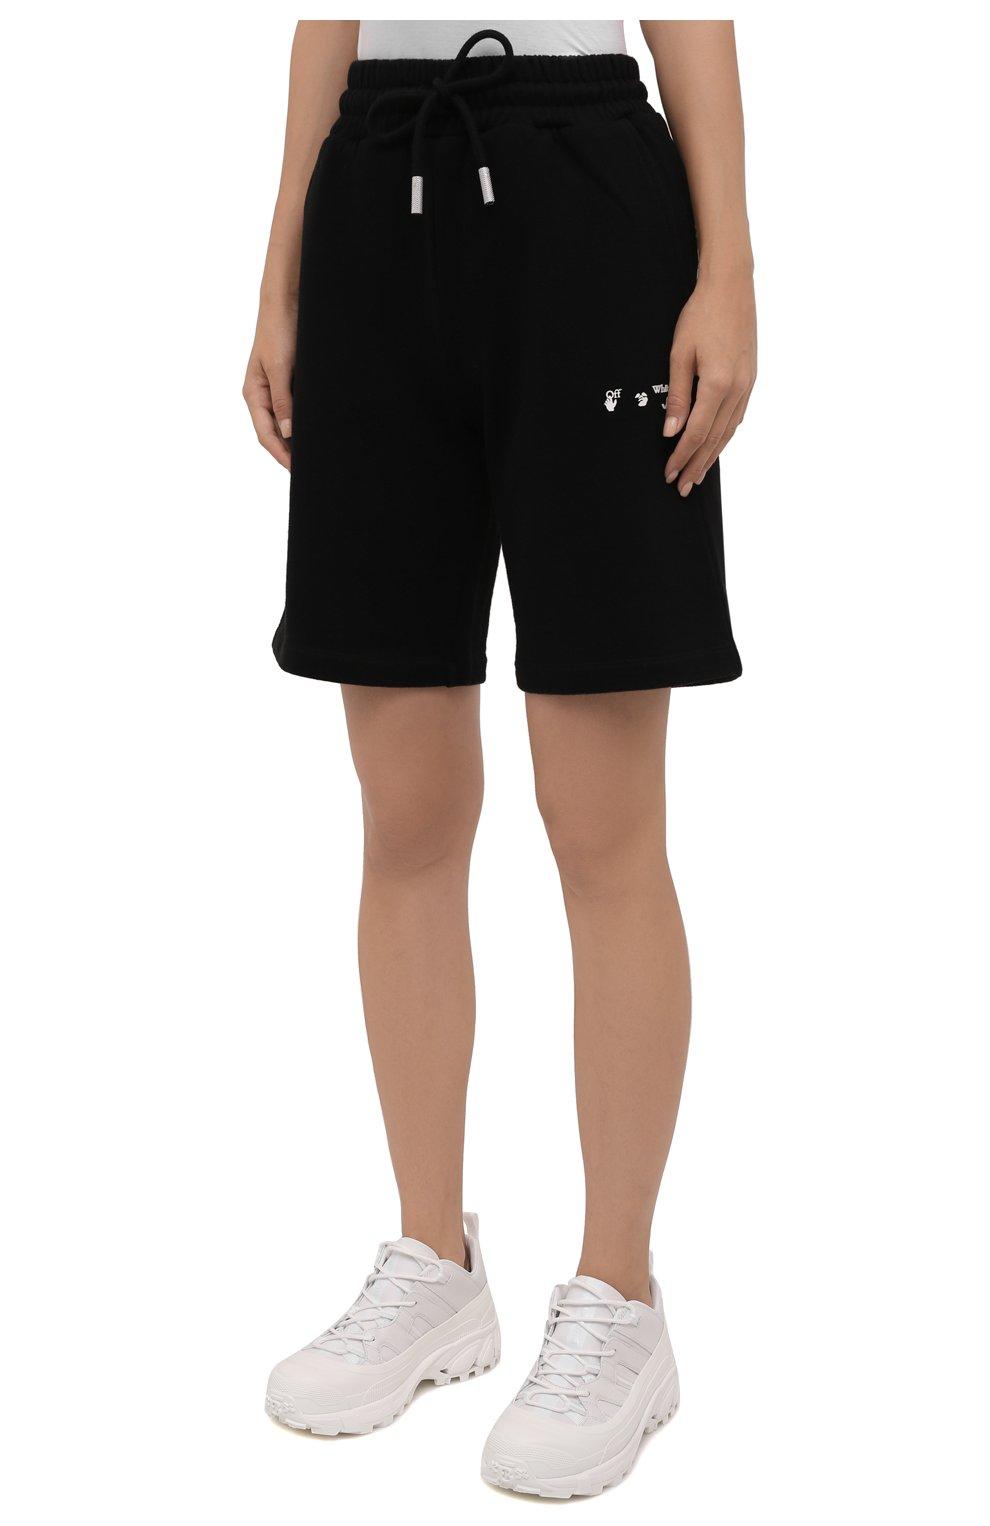 Женские хлопковые шорты OFF-WHITE черного цвета, арт. 0WCI001F21JER001 | Фото 3 (Женское Кросс-КТ: Шорты-одежда, Шорты-спорт; Длина Ж (юбки, платья, шорты): Мини; Кросс-КТ: Трикотаж; Материал внешний: Хлопок; Стили: Спорт-шик)